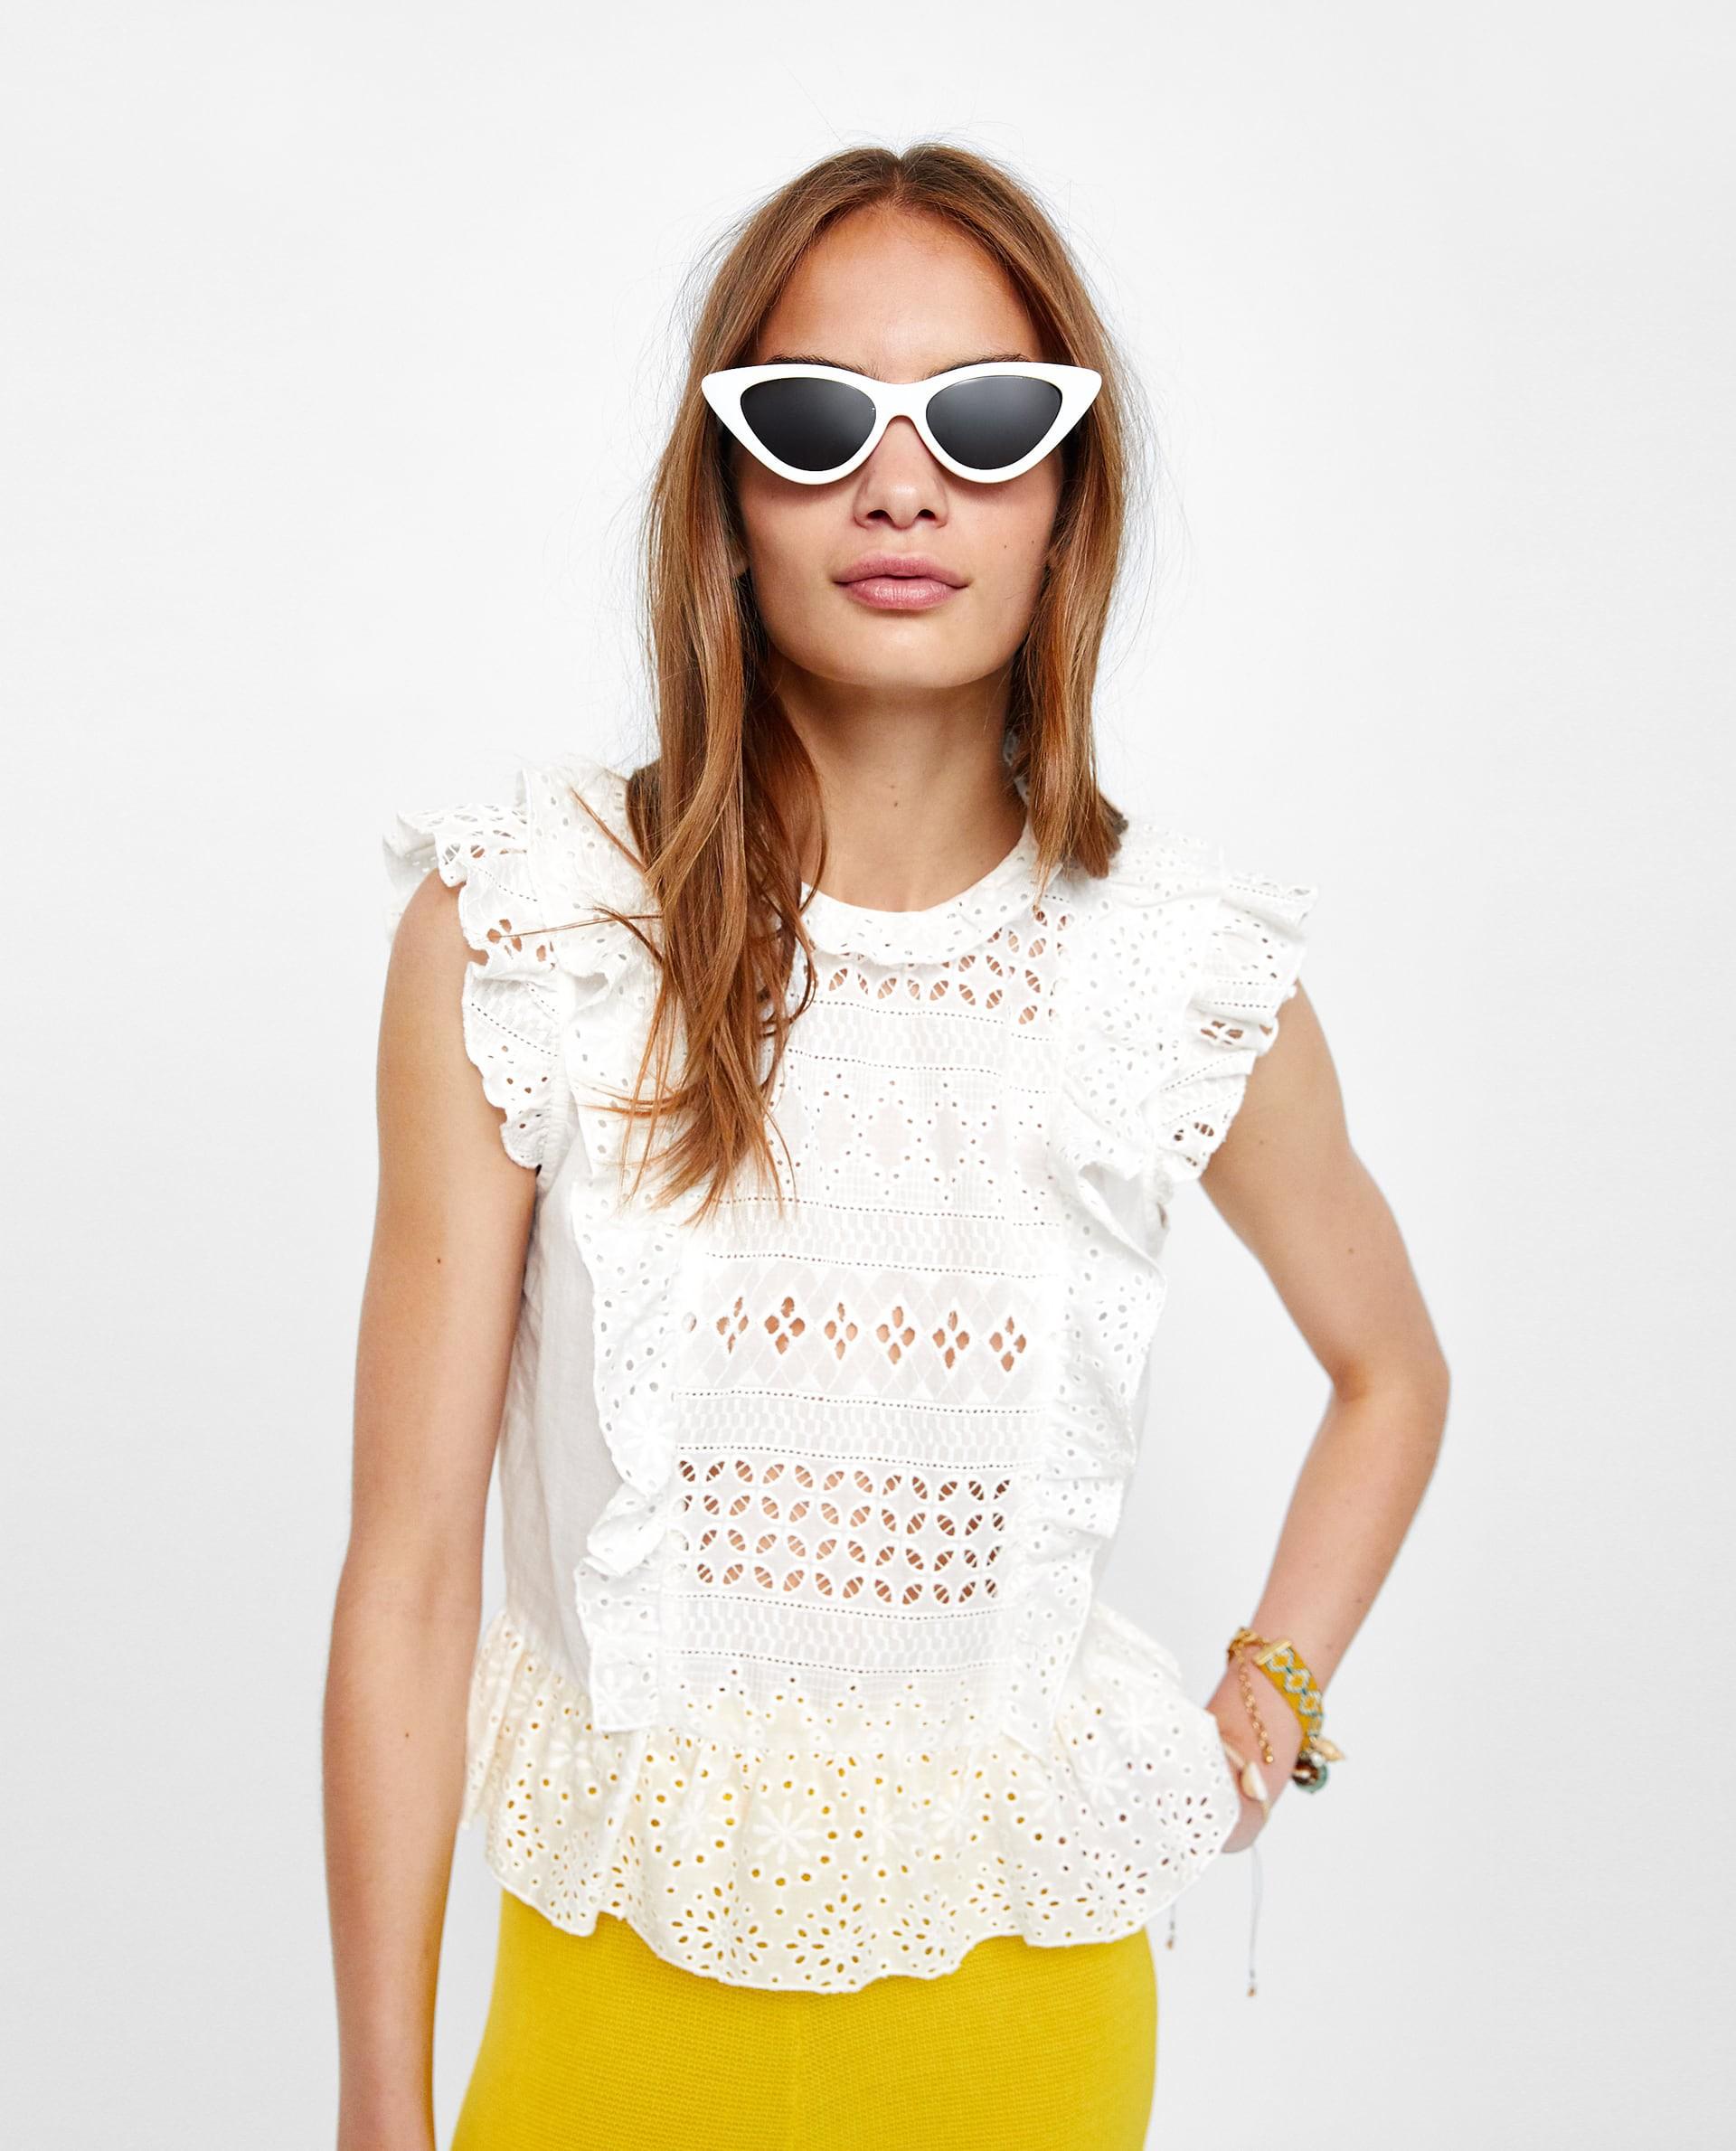 """Trong khi H&M """"chết chìm"""" trong đống hàng tồn kho thì Zara vẫn tăng trưởng vì những lý do này - Ảnh 5."""